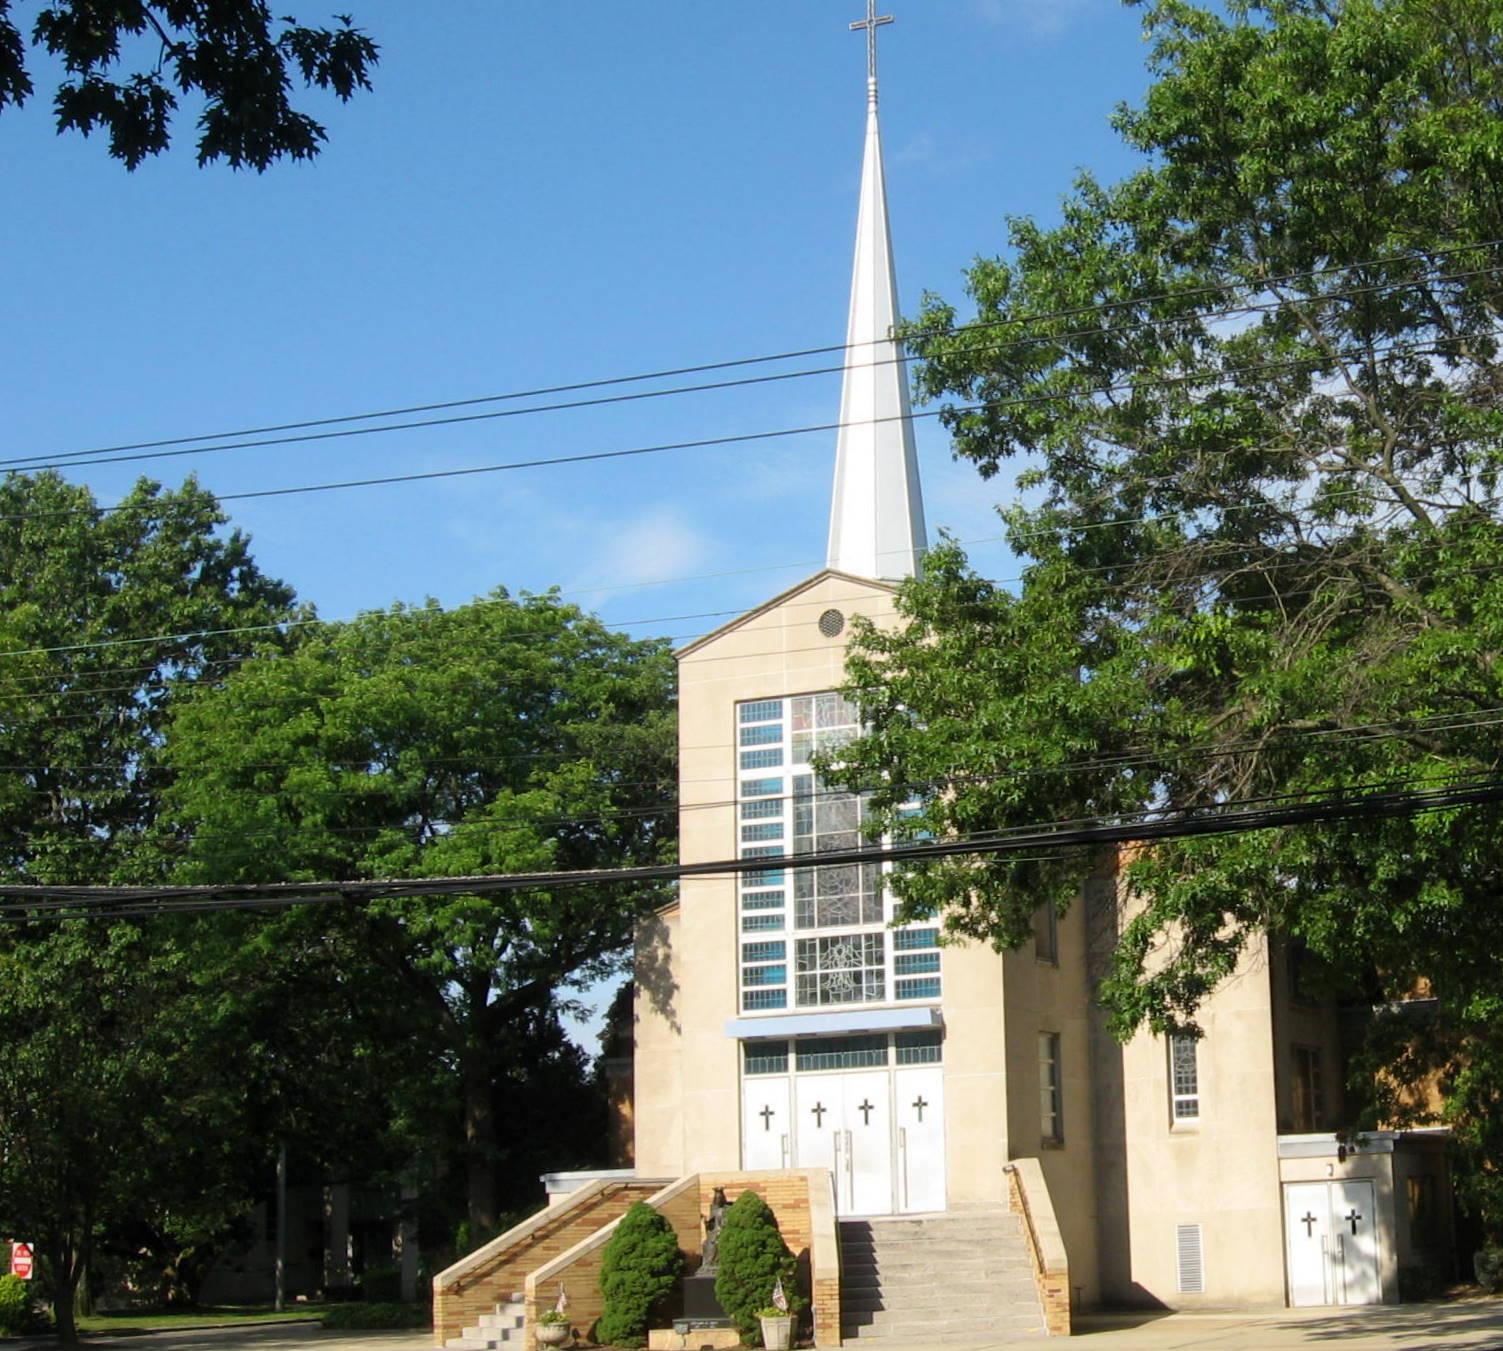 hicksville ny county: